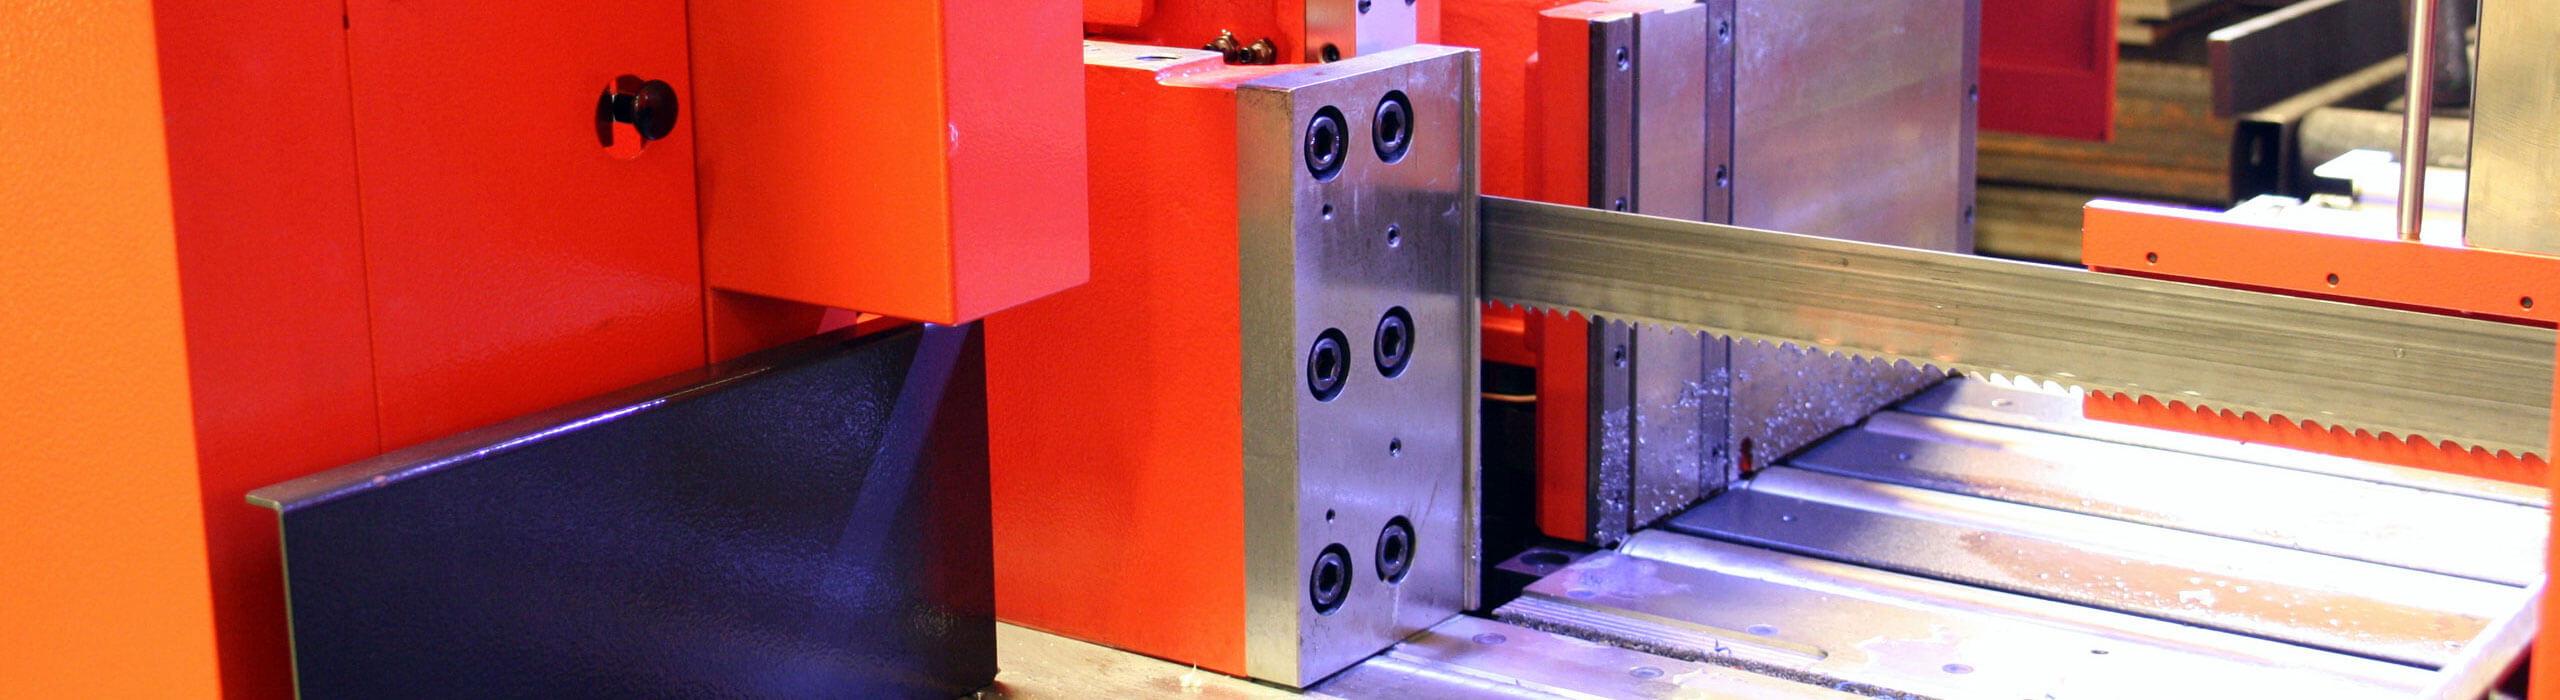 RSB-Stahl-Fertigungsleistungen-Maschinenbau_Werkzeugbau-Saegebetrieb